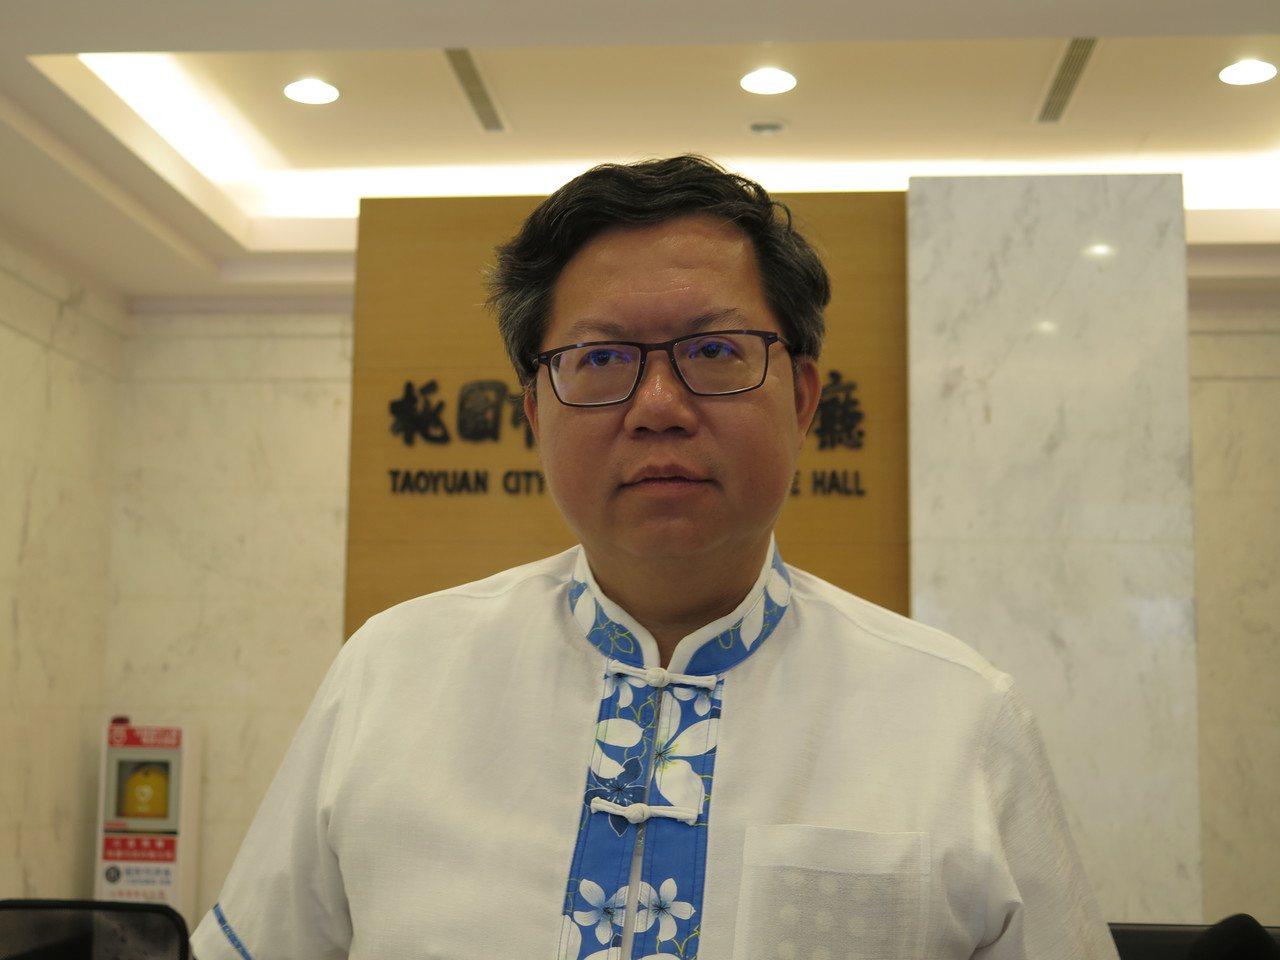 代表國民黨參選總統的高雄市長韓國瑜被爆料,周日到南投拚選舉,隔天周一上班日直到近...